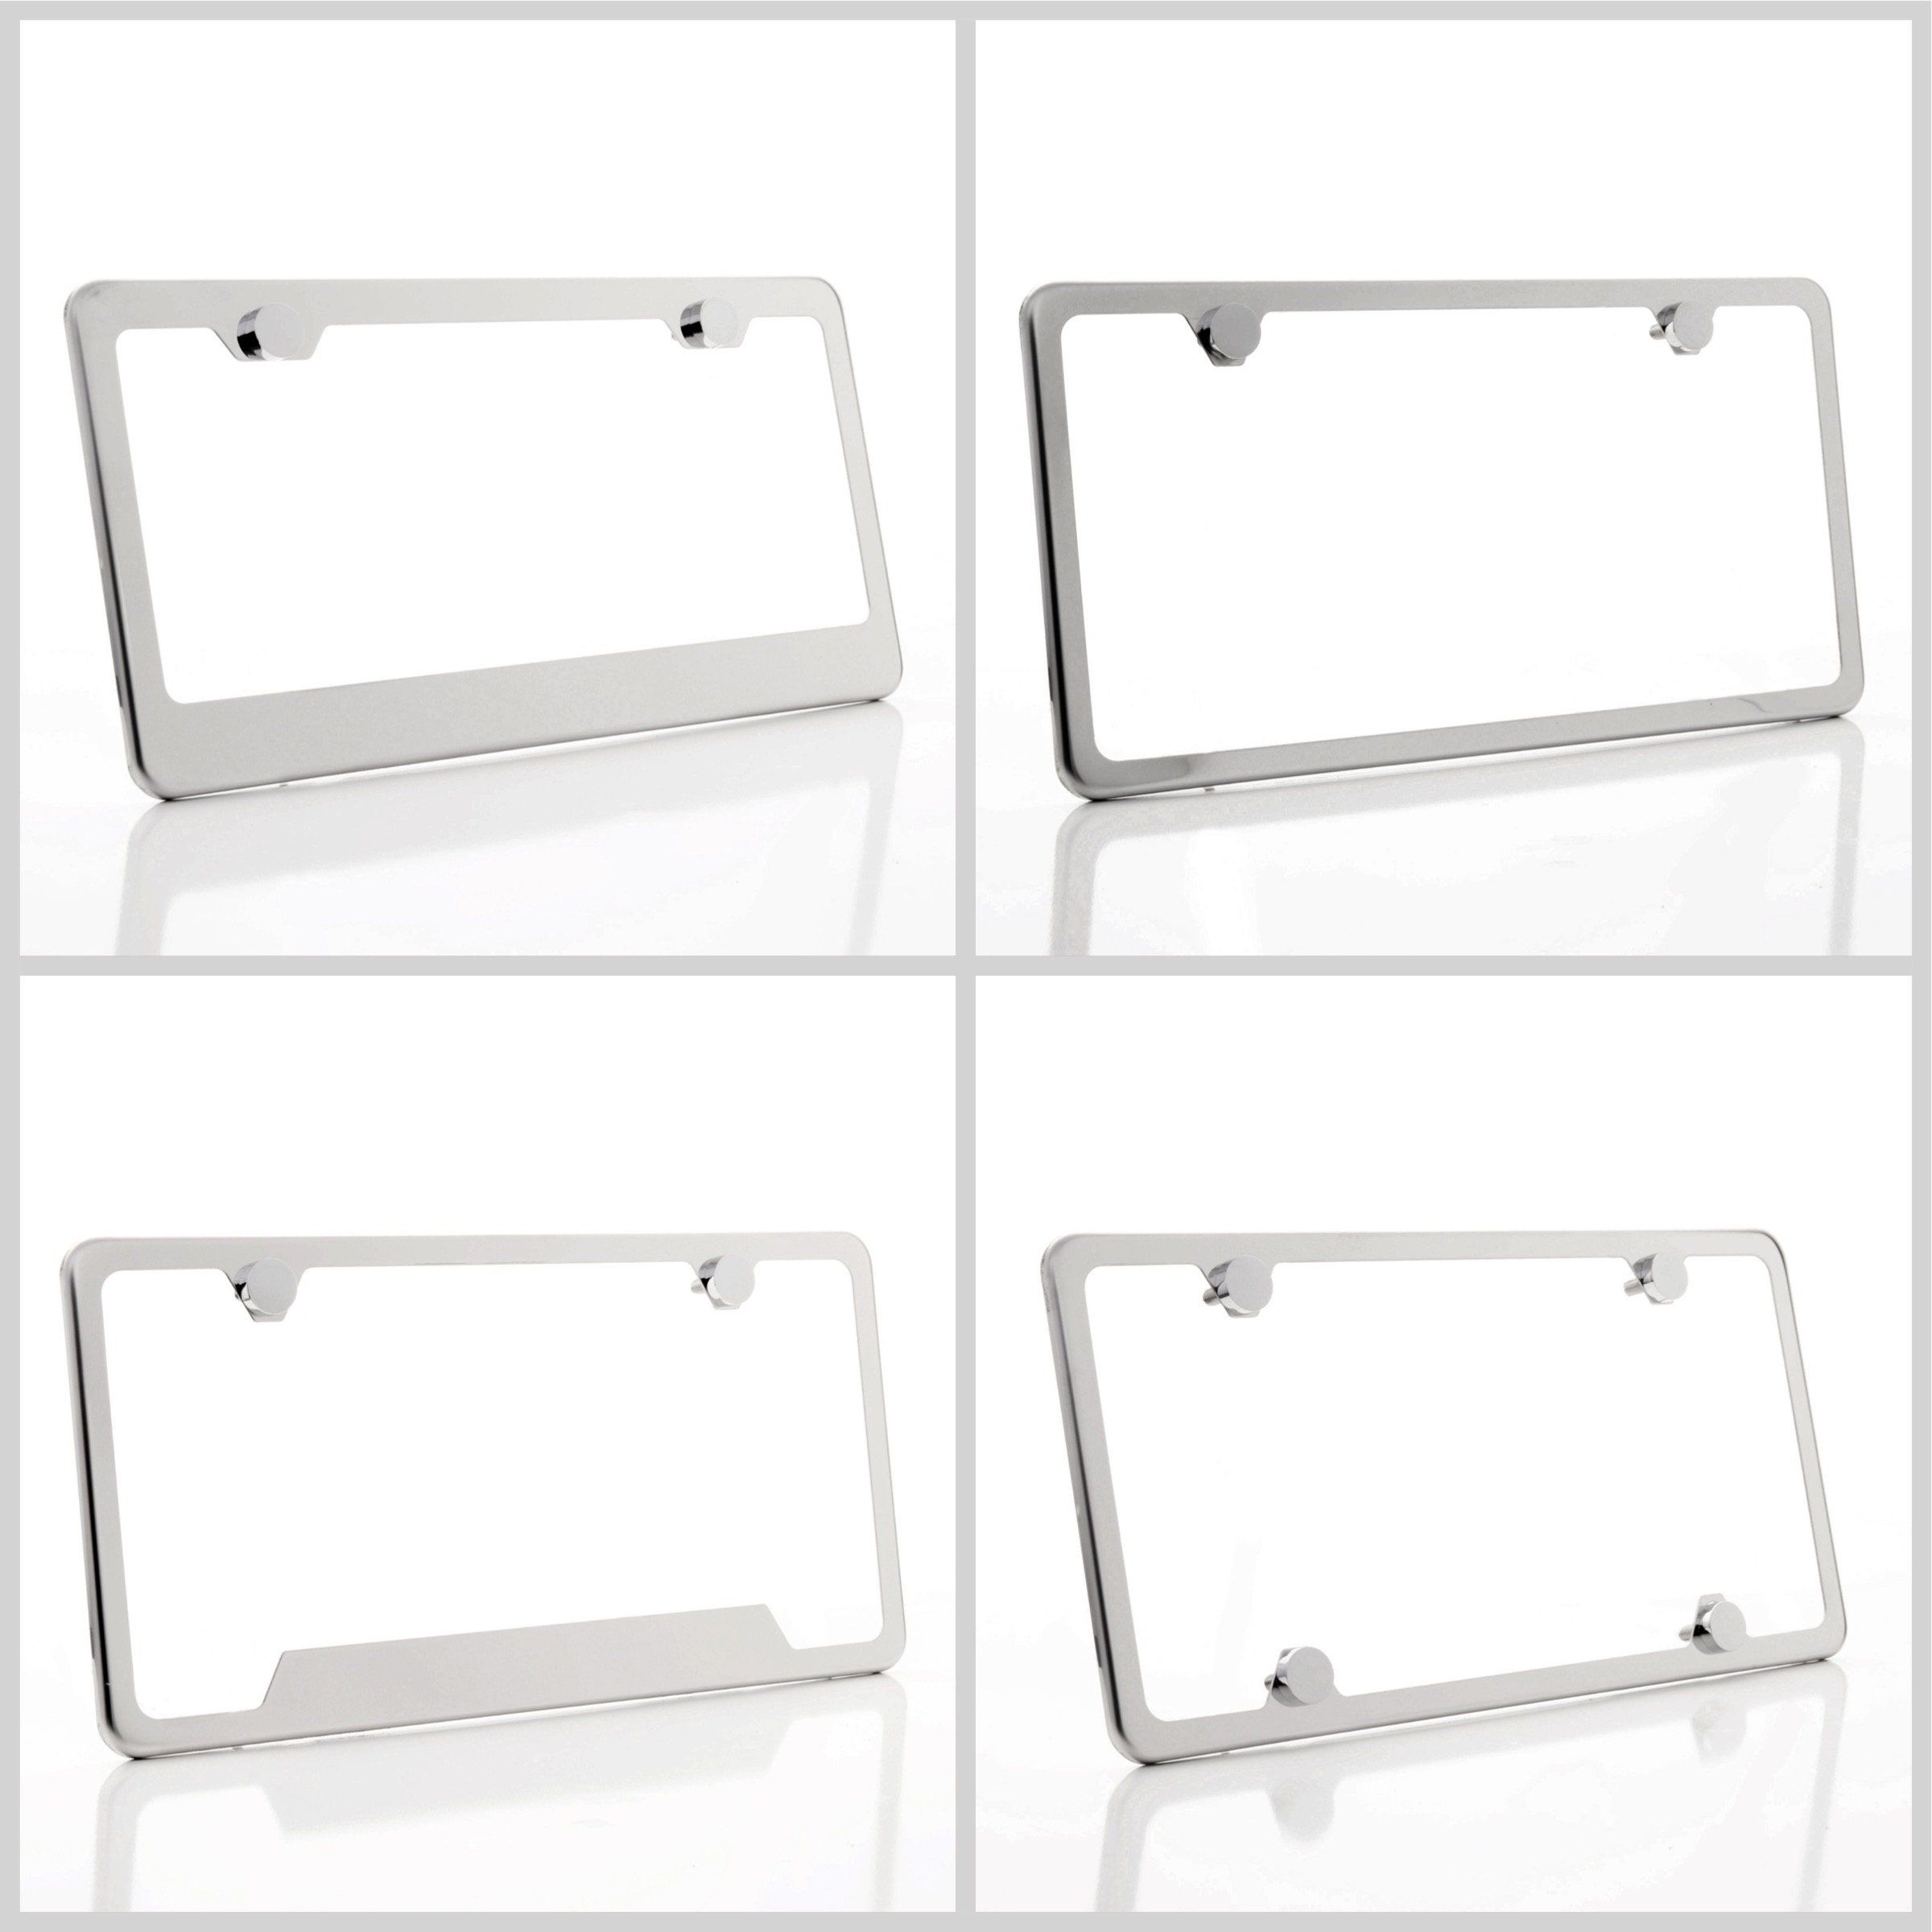 Mirror Chrome License Plate Frame SLK350 Laser Engraved Metal Screw Cap